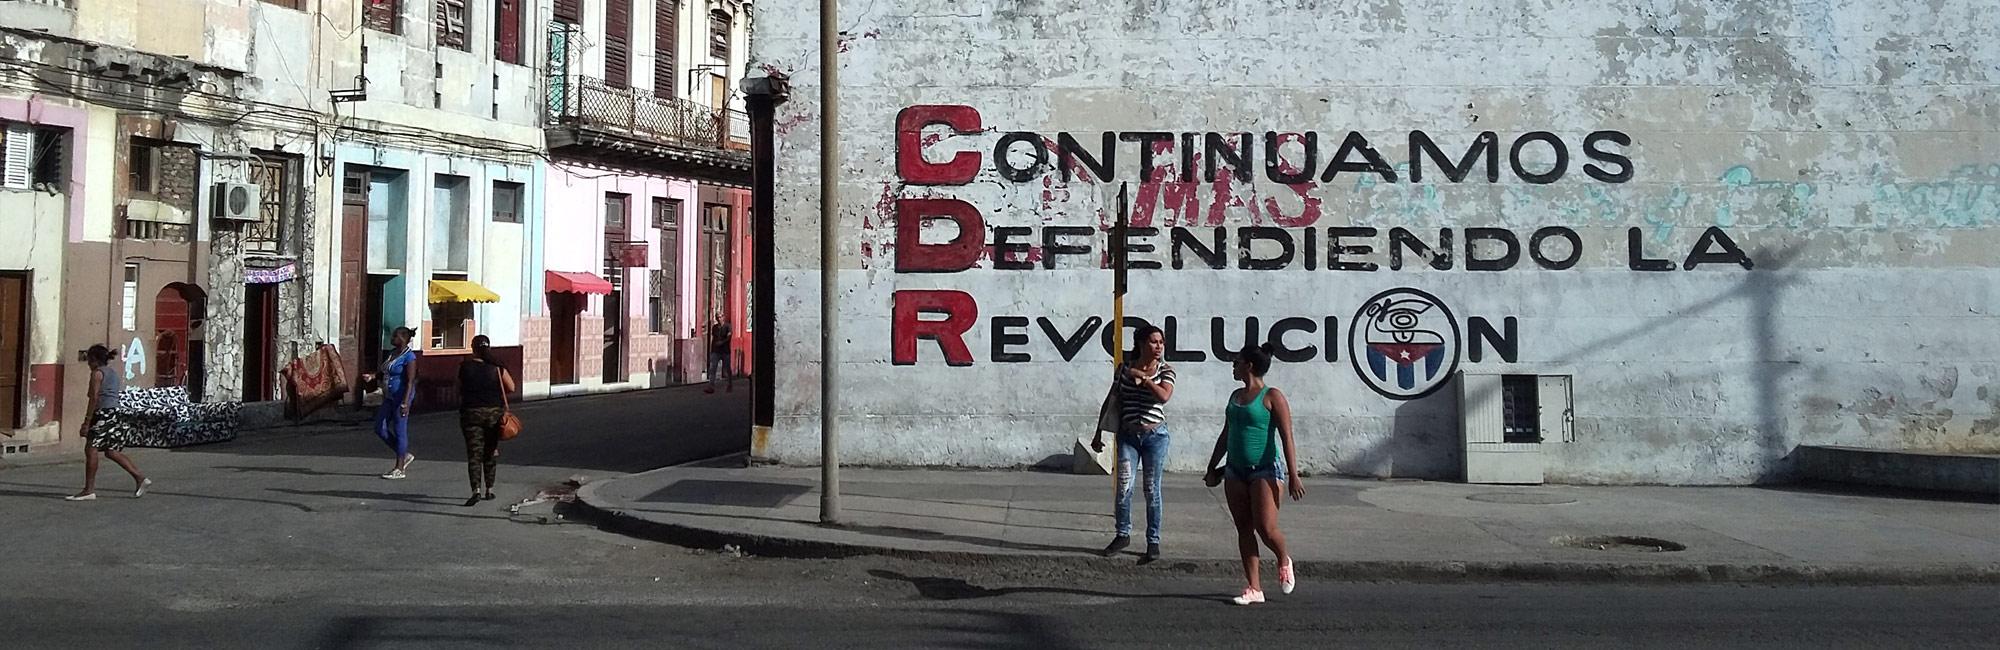 Sprachschulen in Kuba